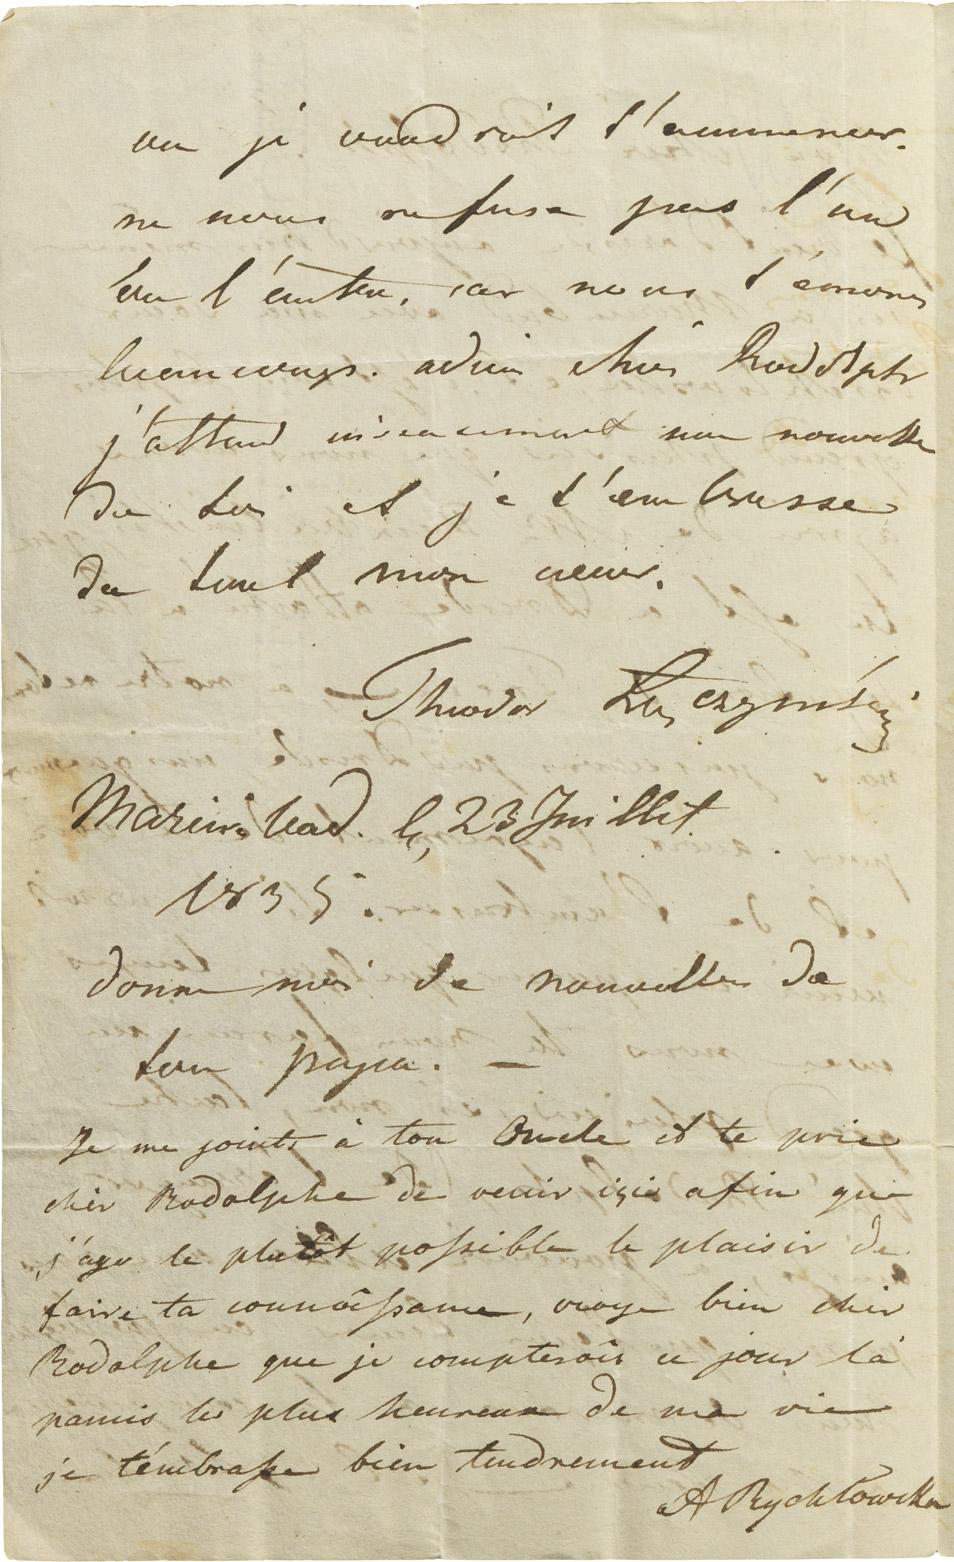 Lettre de Teodor Łączyński à Rodolphe d'Ornano - Patrimoine Charles-André COLONNA WALEWSKI, en ligne directe de Napoléon